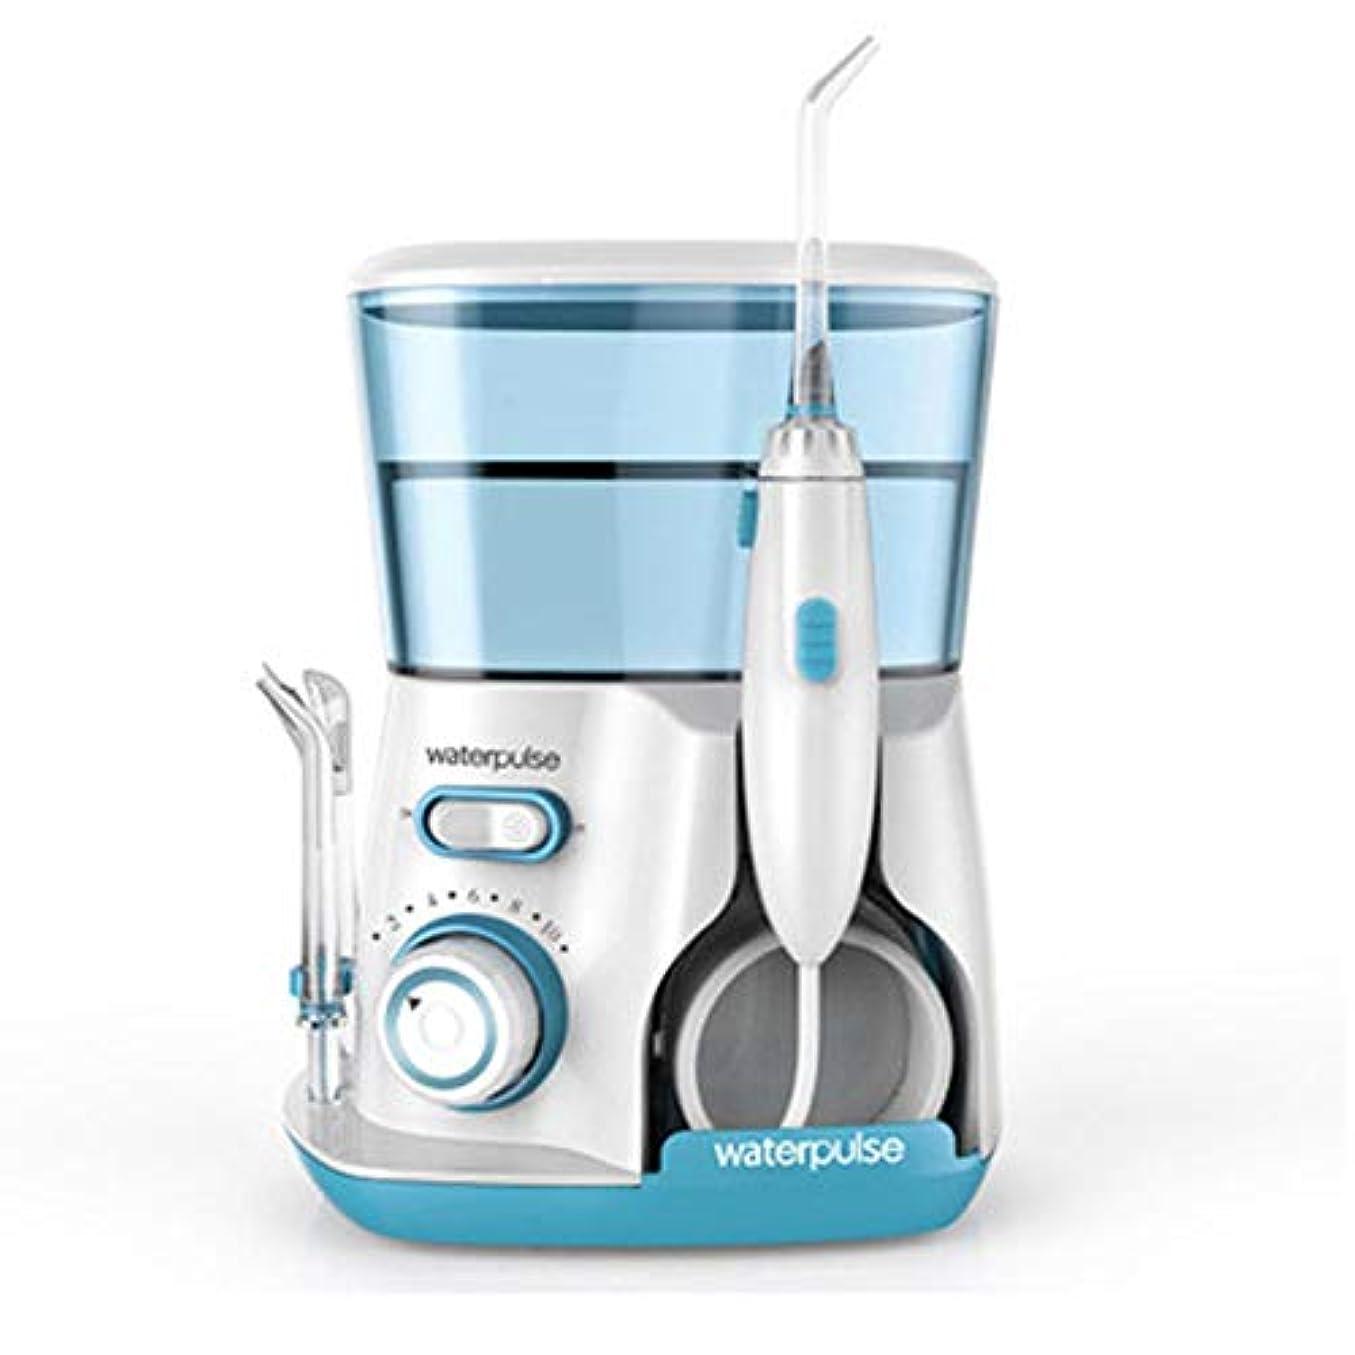 オピエートこの教育学水の容量800mlの5つの多機能ヒントのカウンタートップ歯科口腔洗浄器でリークプルーフ電気静かな設計ホーム&トラベル (色 : Green)